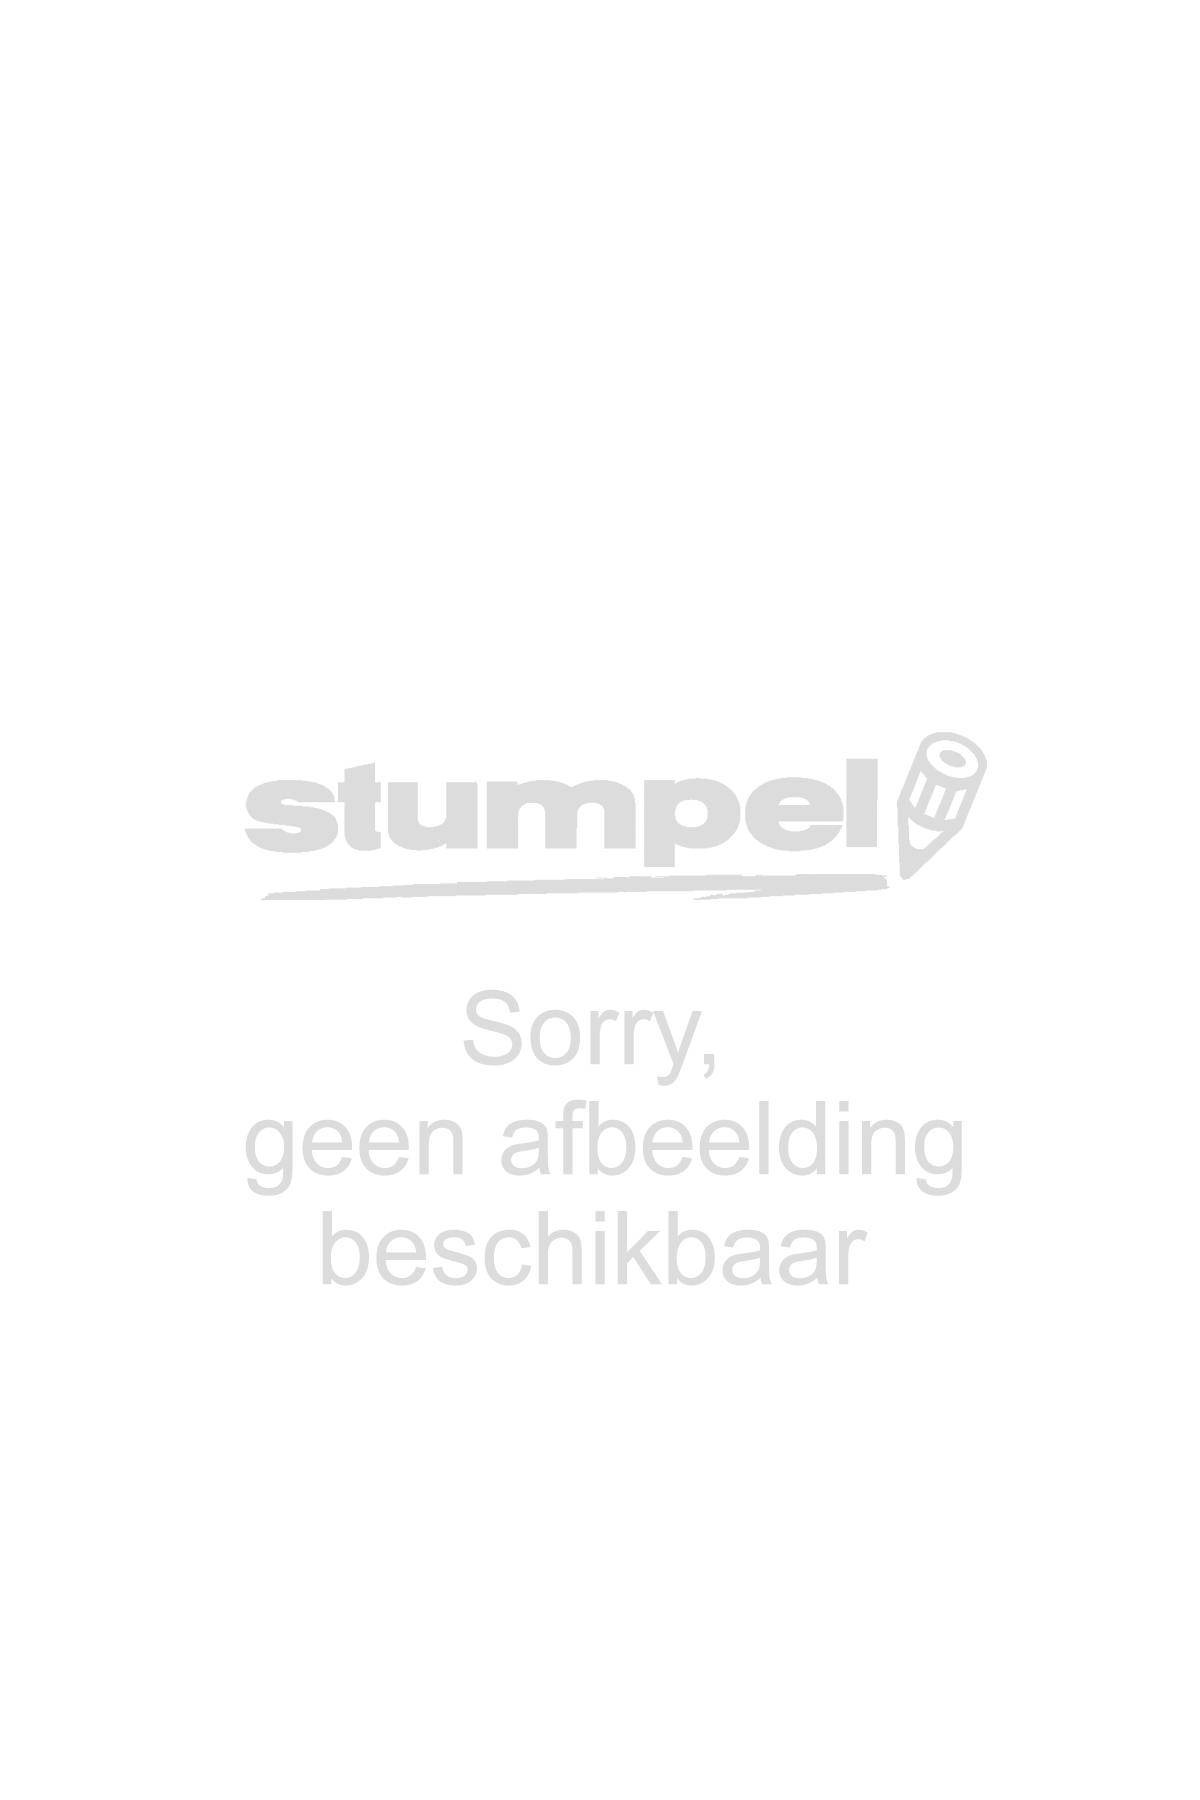 markeerstift-stabilo-7133-luminator-groen-635044